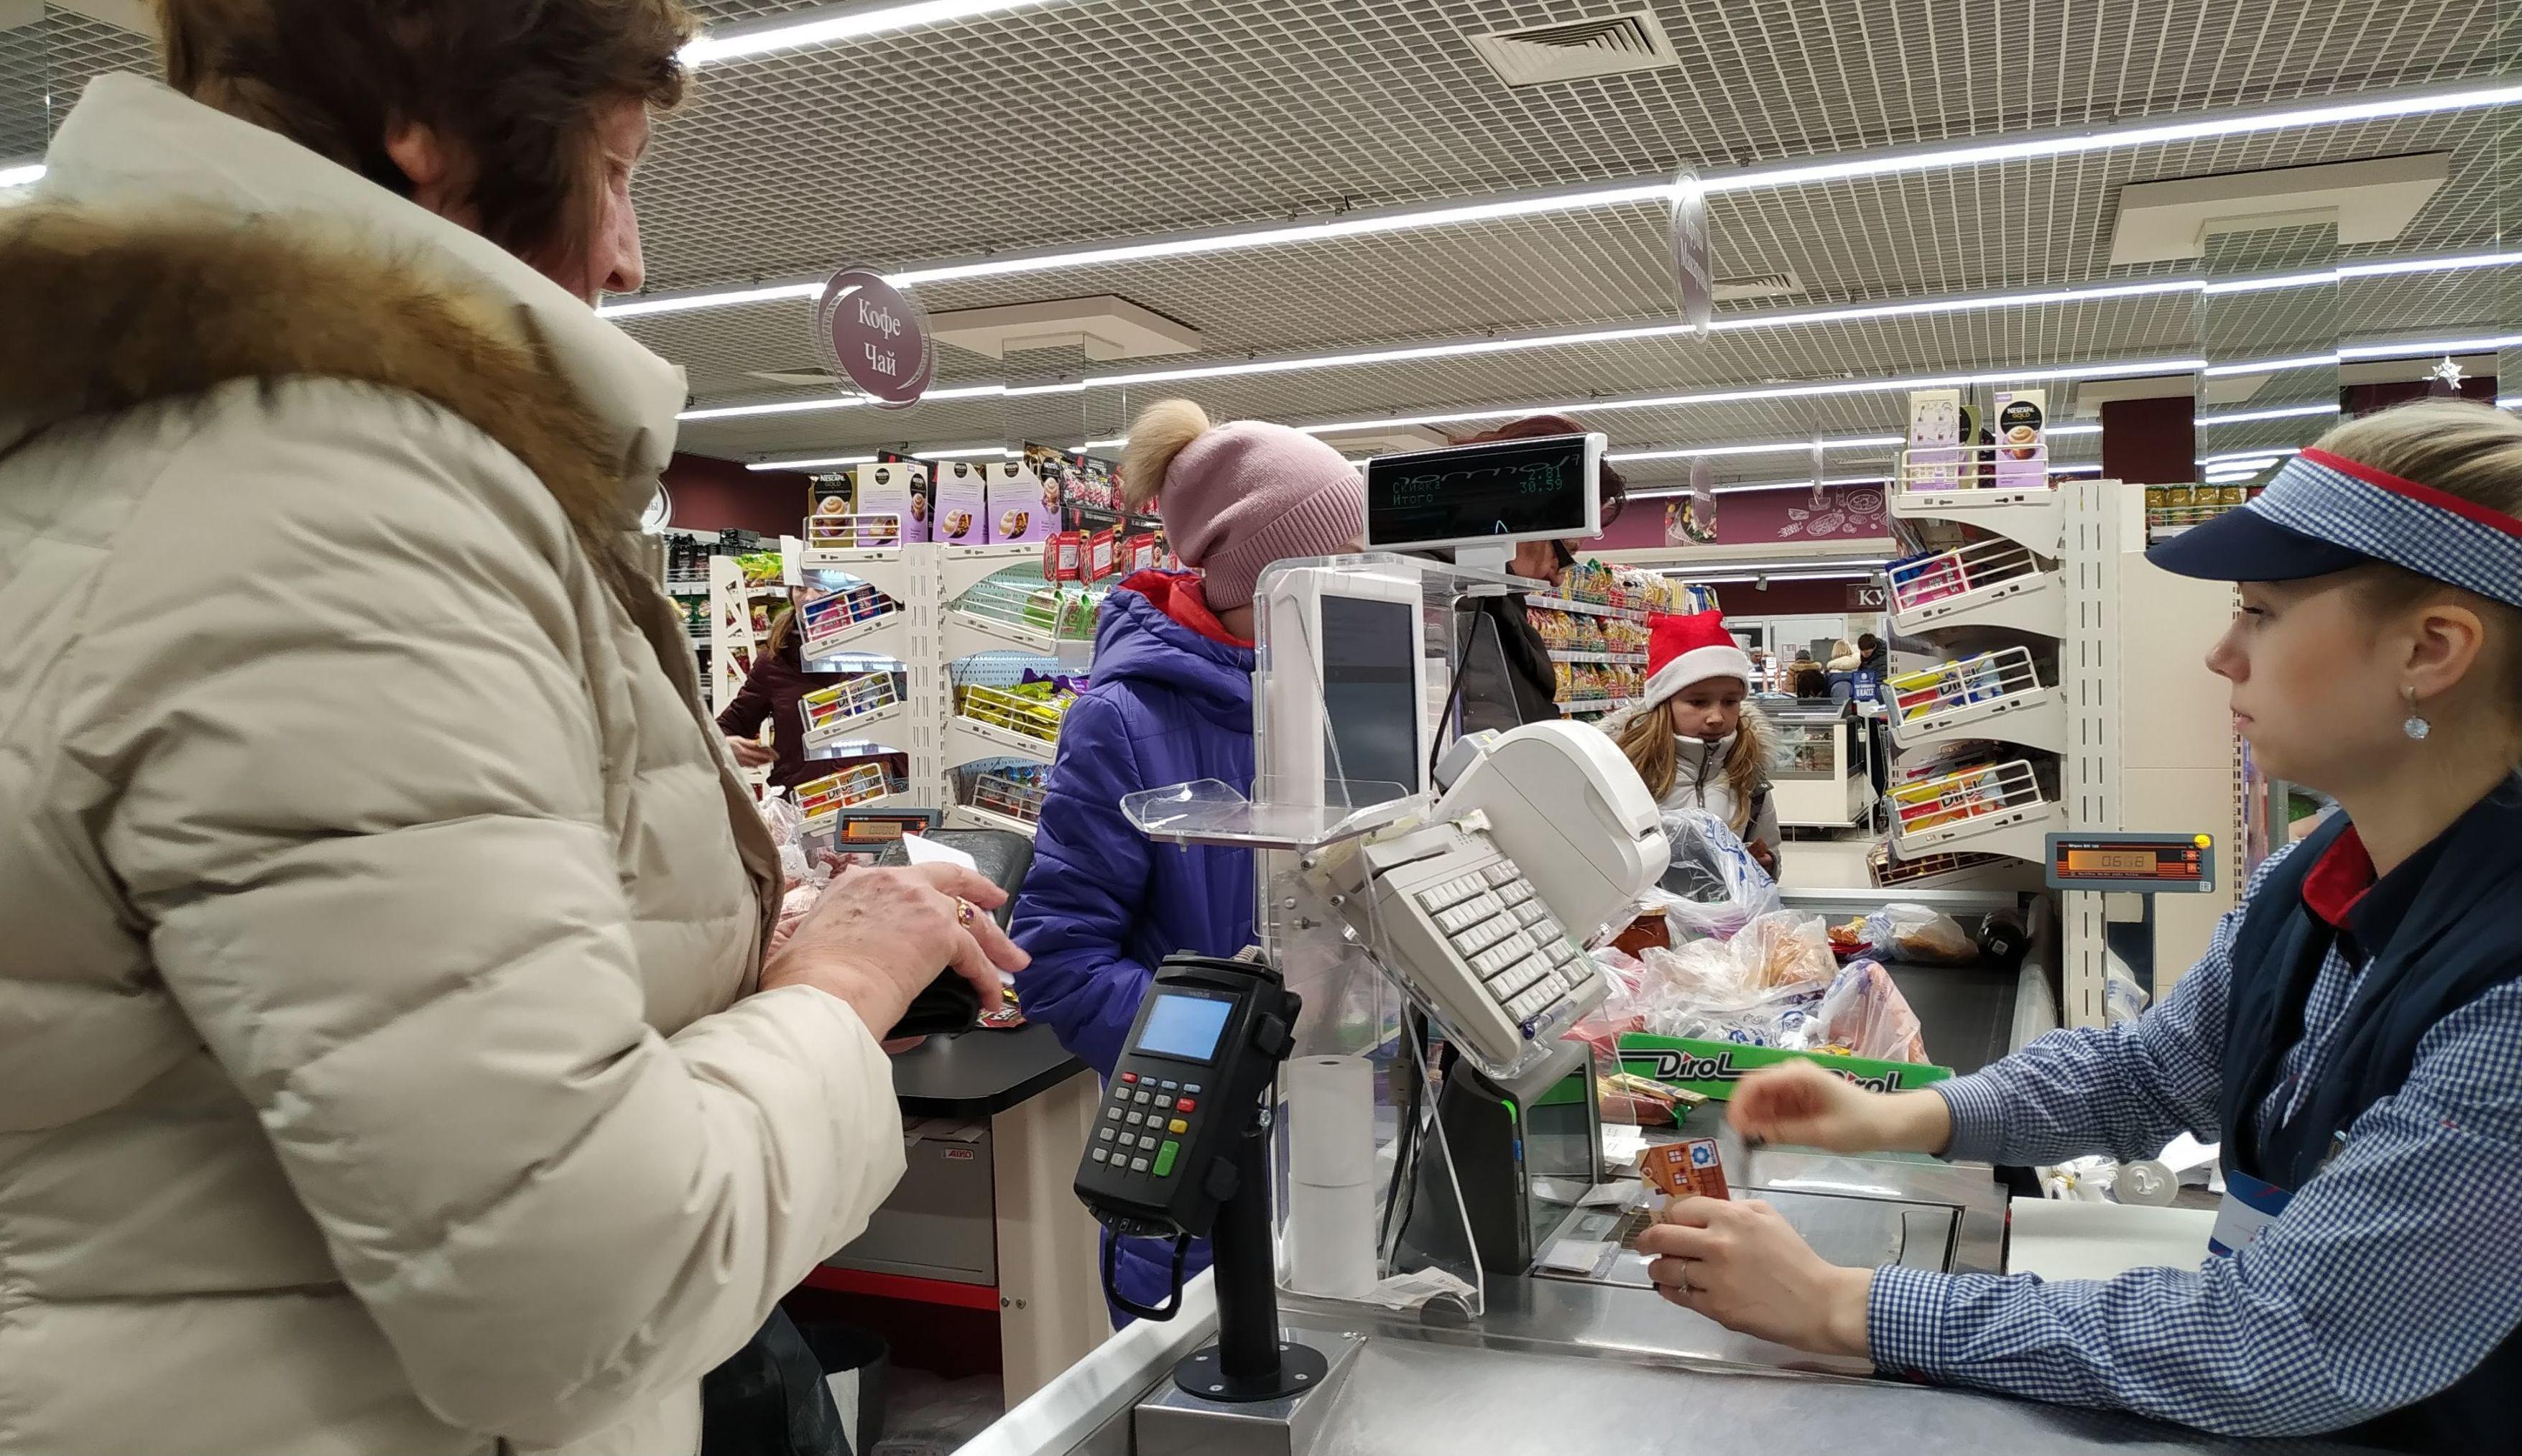 Пенсионерка утверждает, что на продукты тратит 50-55 рублей в месяц